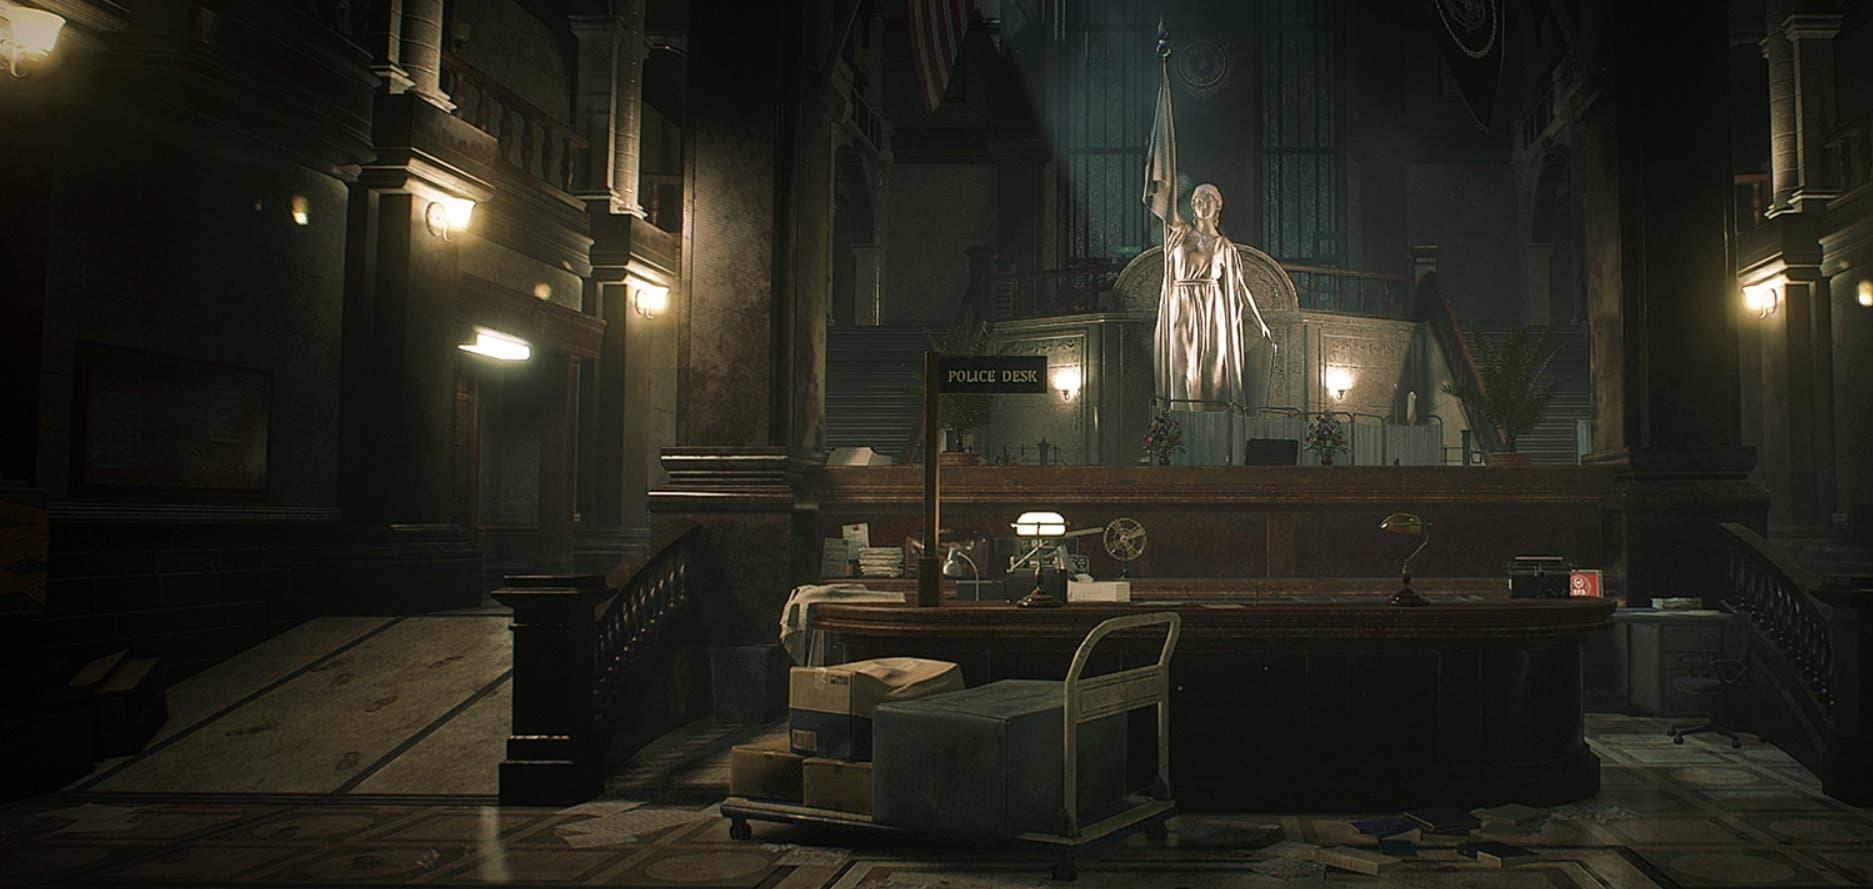 Las 5 claves de Resident Evil 2 que os enamorarán 1